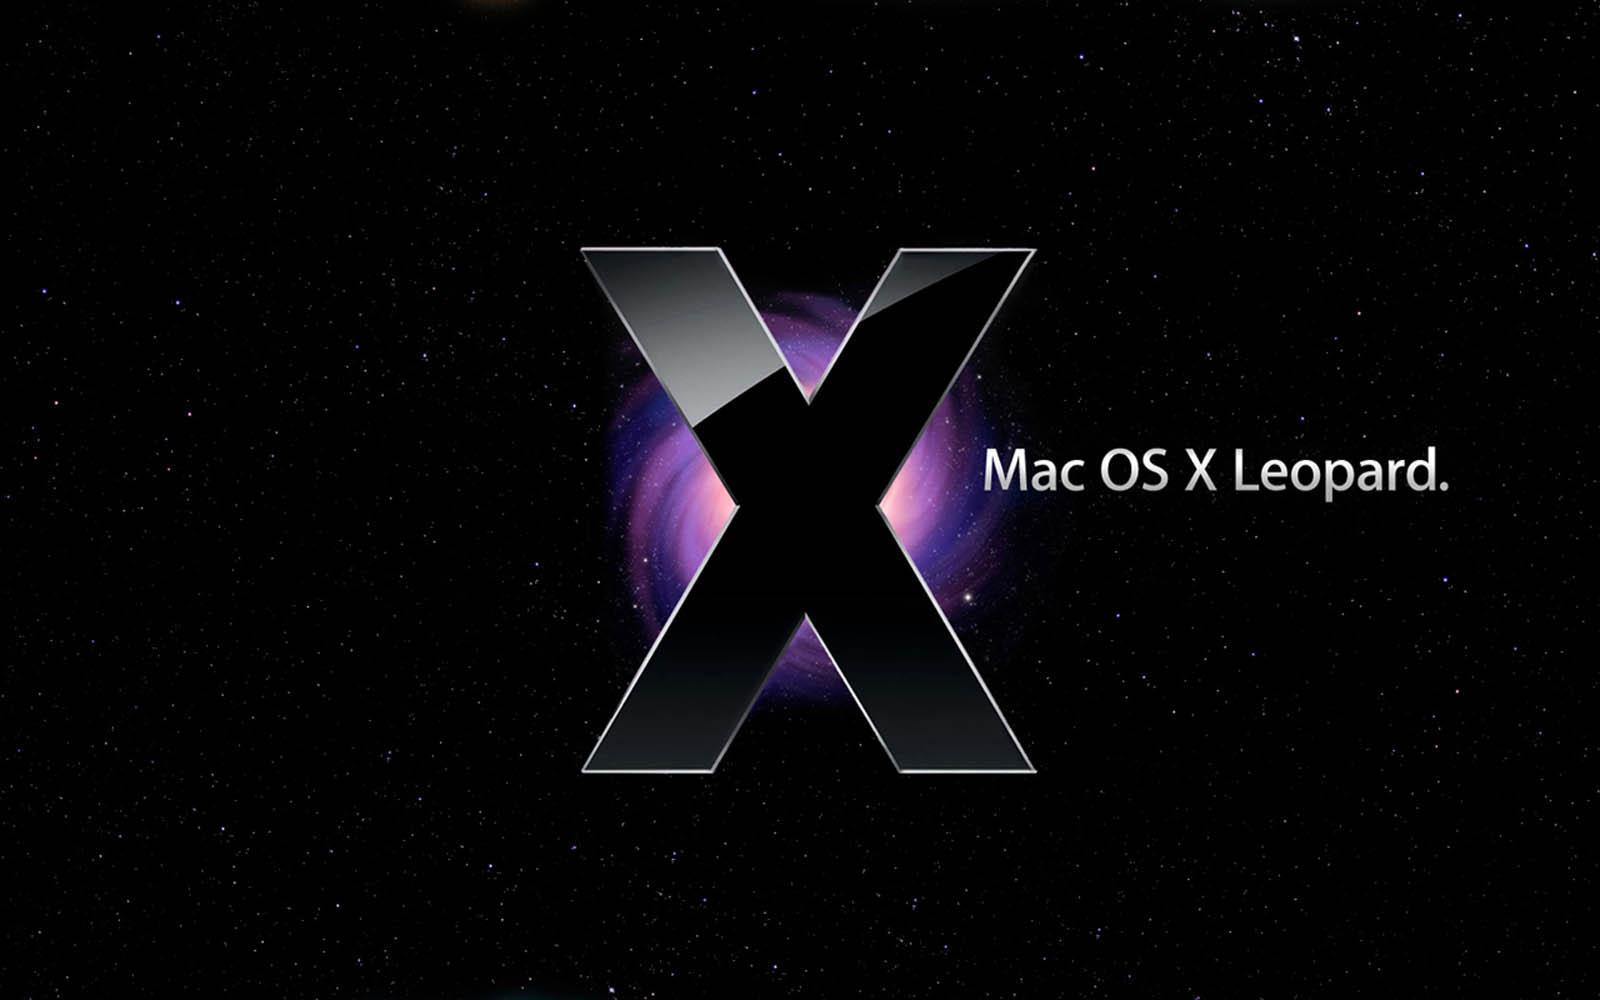 http://2.bp.blogspot.com/-KvzBYXqJ4Rs/UEW8Ws7eXiI/AAAAAAAAJLk/F8RhI9fwU4w/s1600/Mac+OS+X+Wallpapers+5.jpg